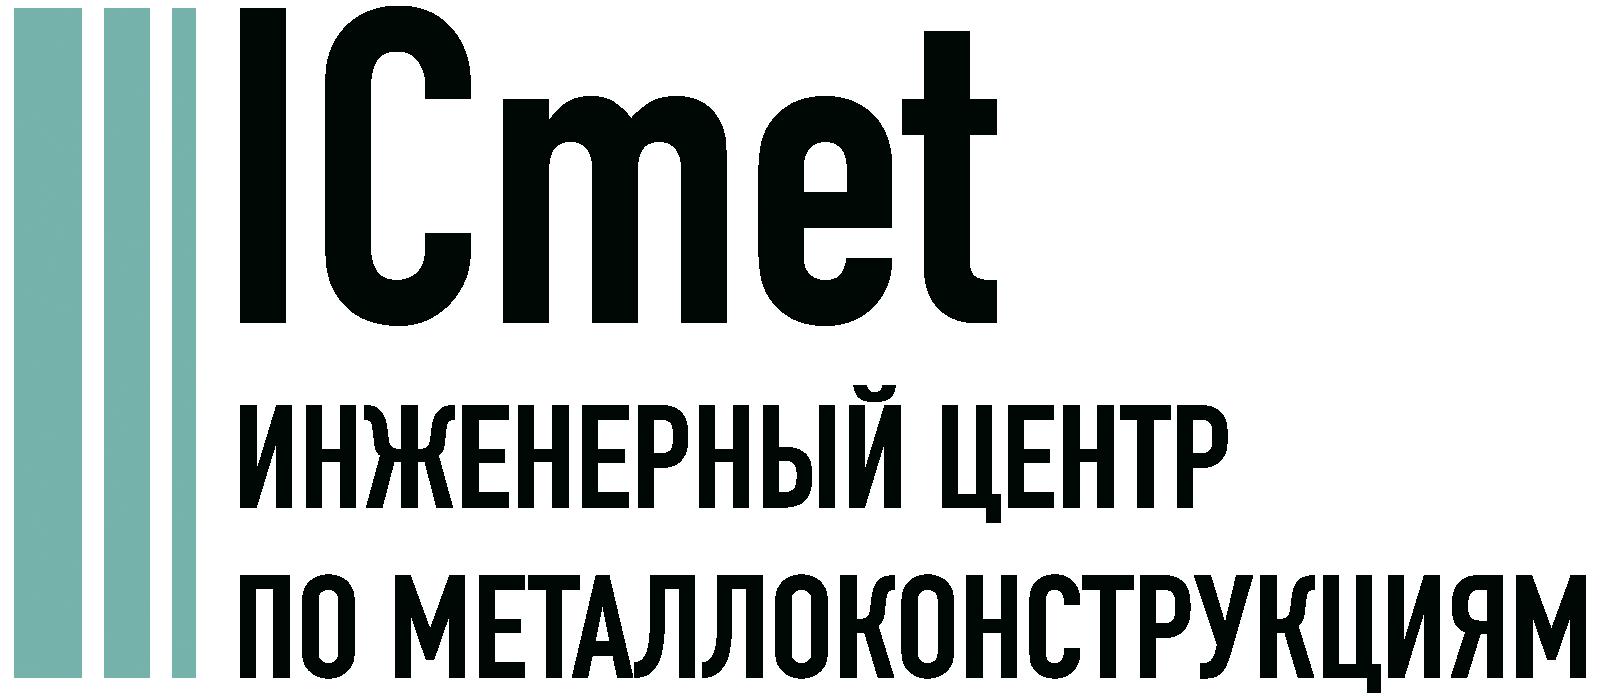 Проектирование металлоконструкций в Воронеже